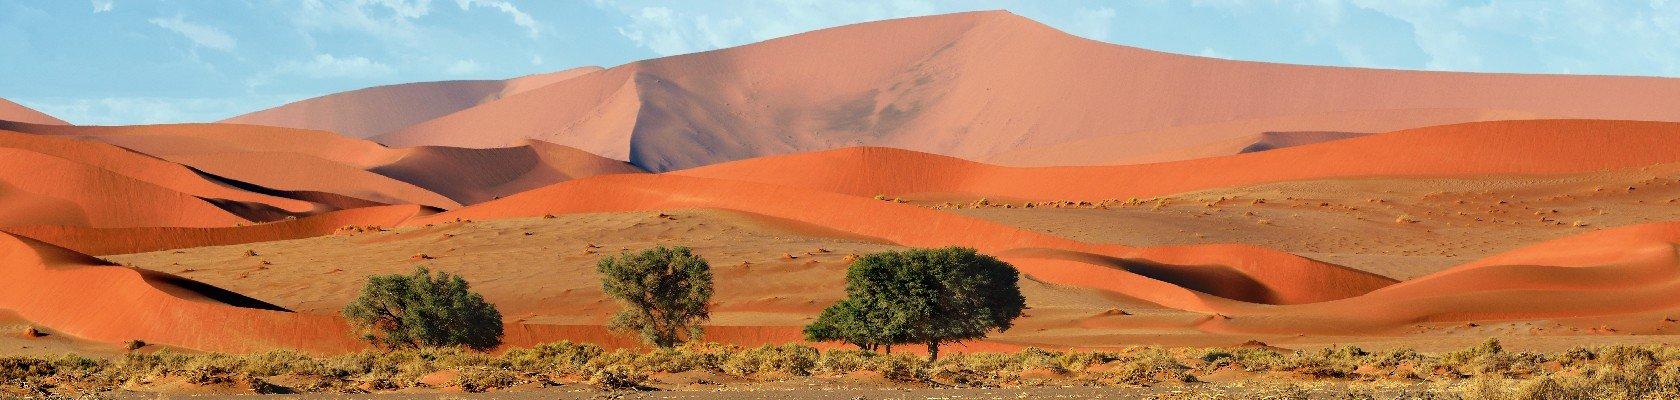 Rode duinen bij Sossusvlei